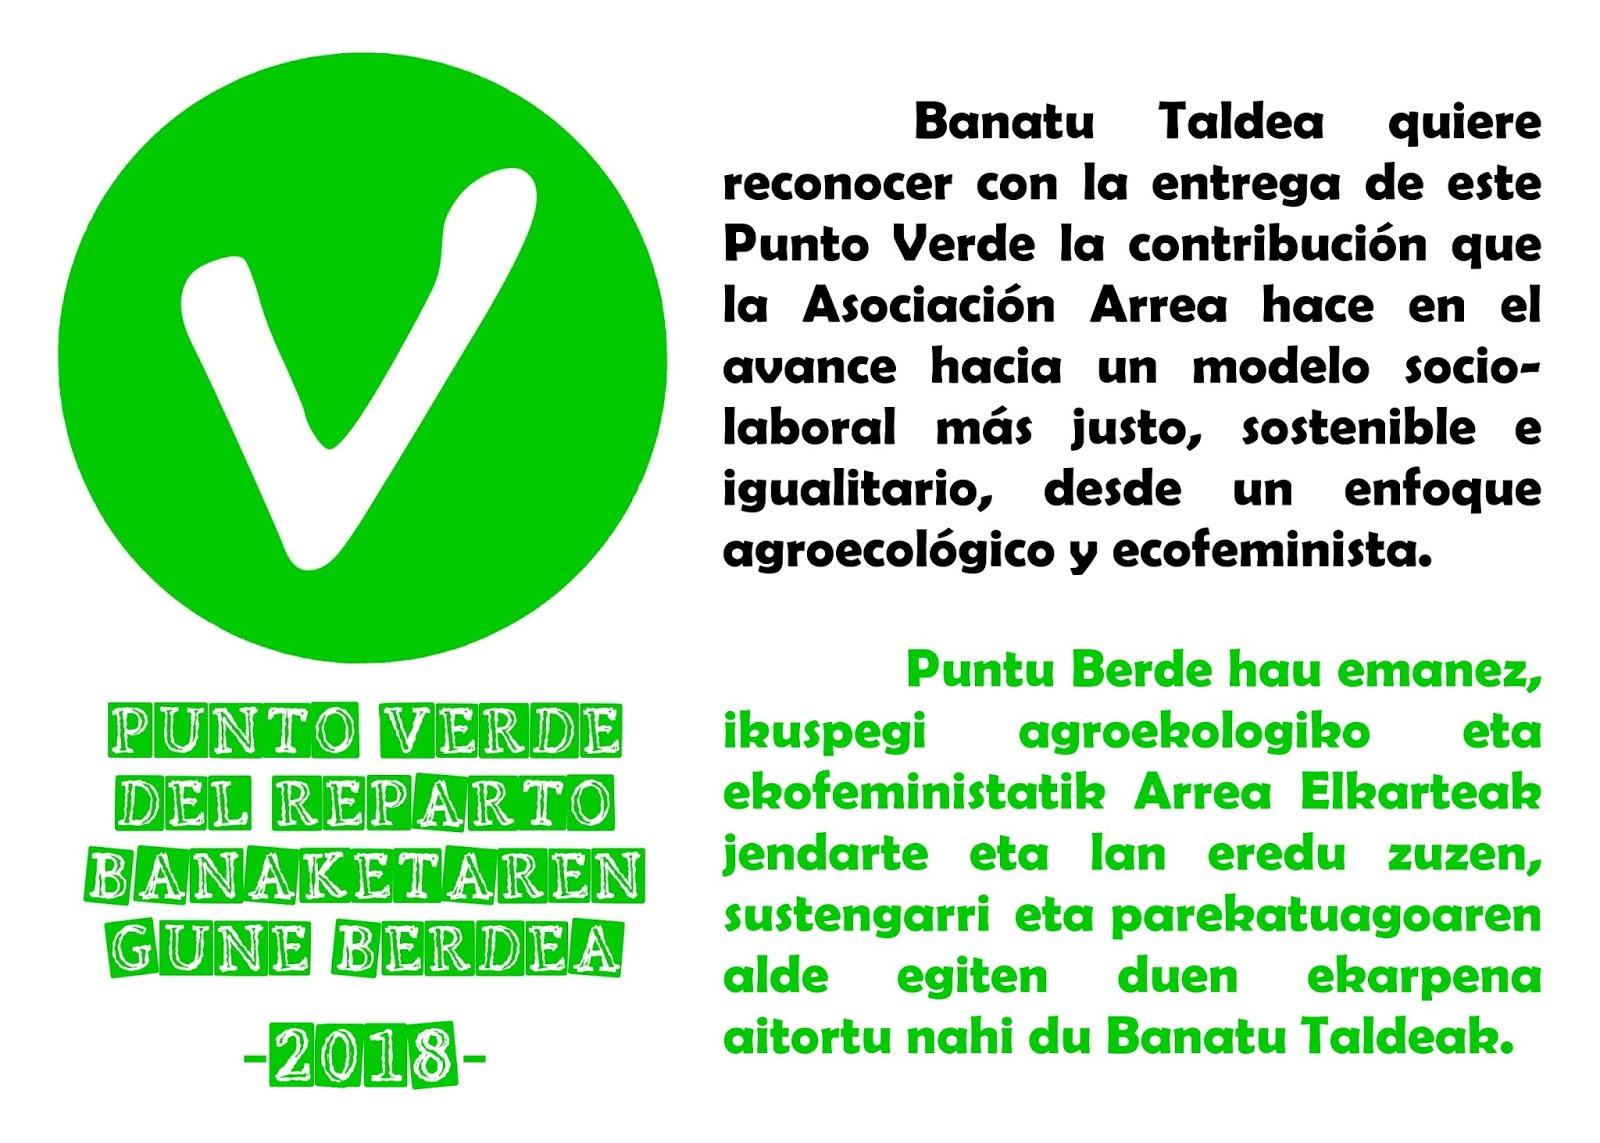 BANATU TALDEA : Puntos Negro y Verde 2018